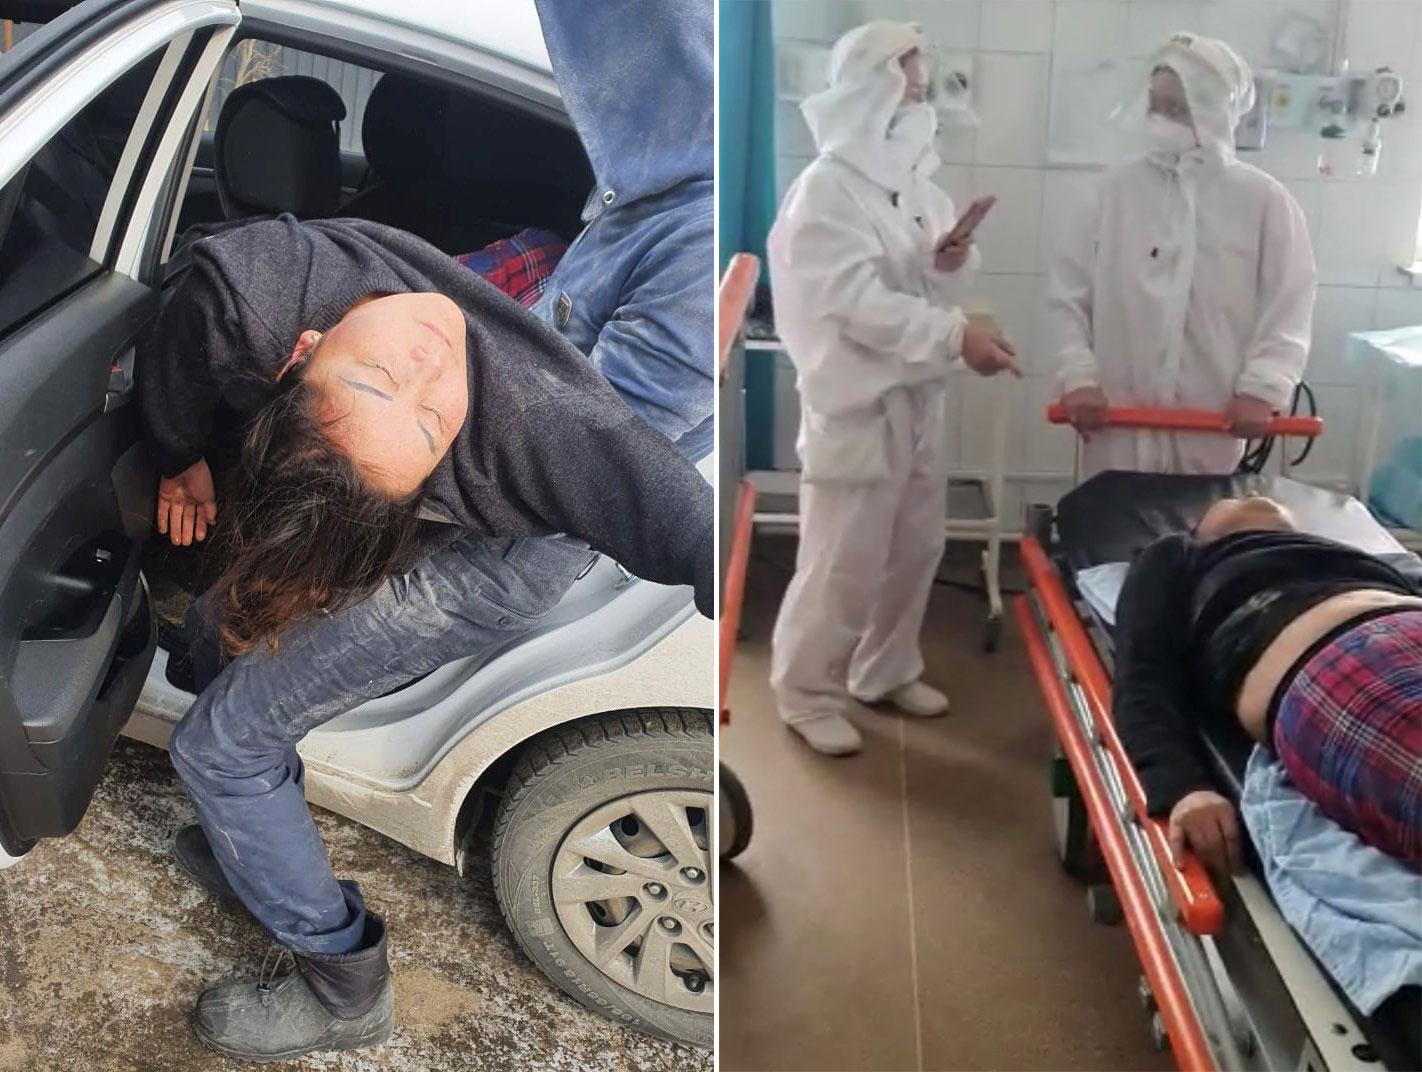 左图:2021年1月21日,喀衣夏在阿拉木图遇袭送院,回家两日后突然昏迷。右图:新疆逃亡者喀衣夏.阿汗两度送医院急救。(志愿者提供/记者乔龙)